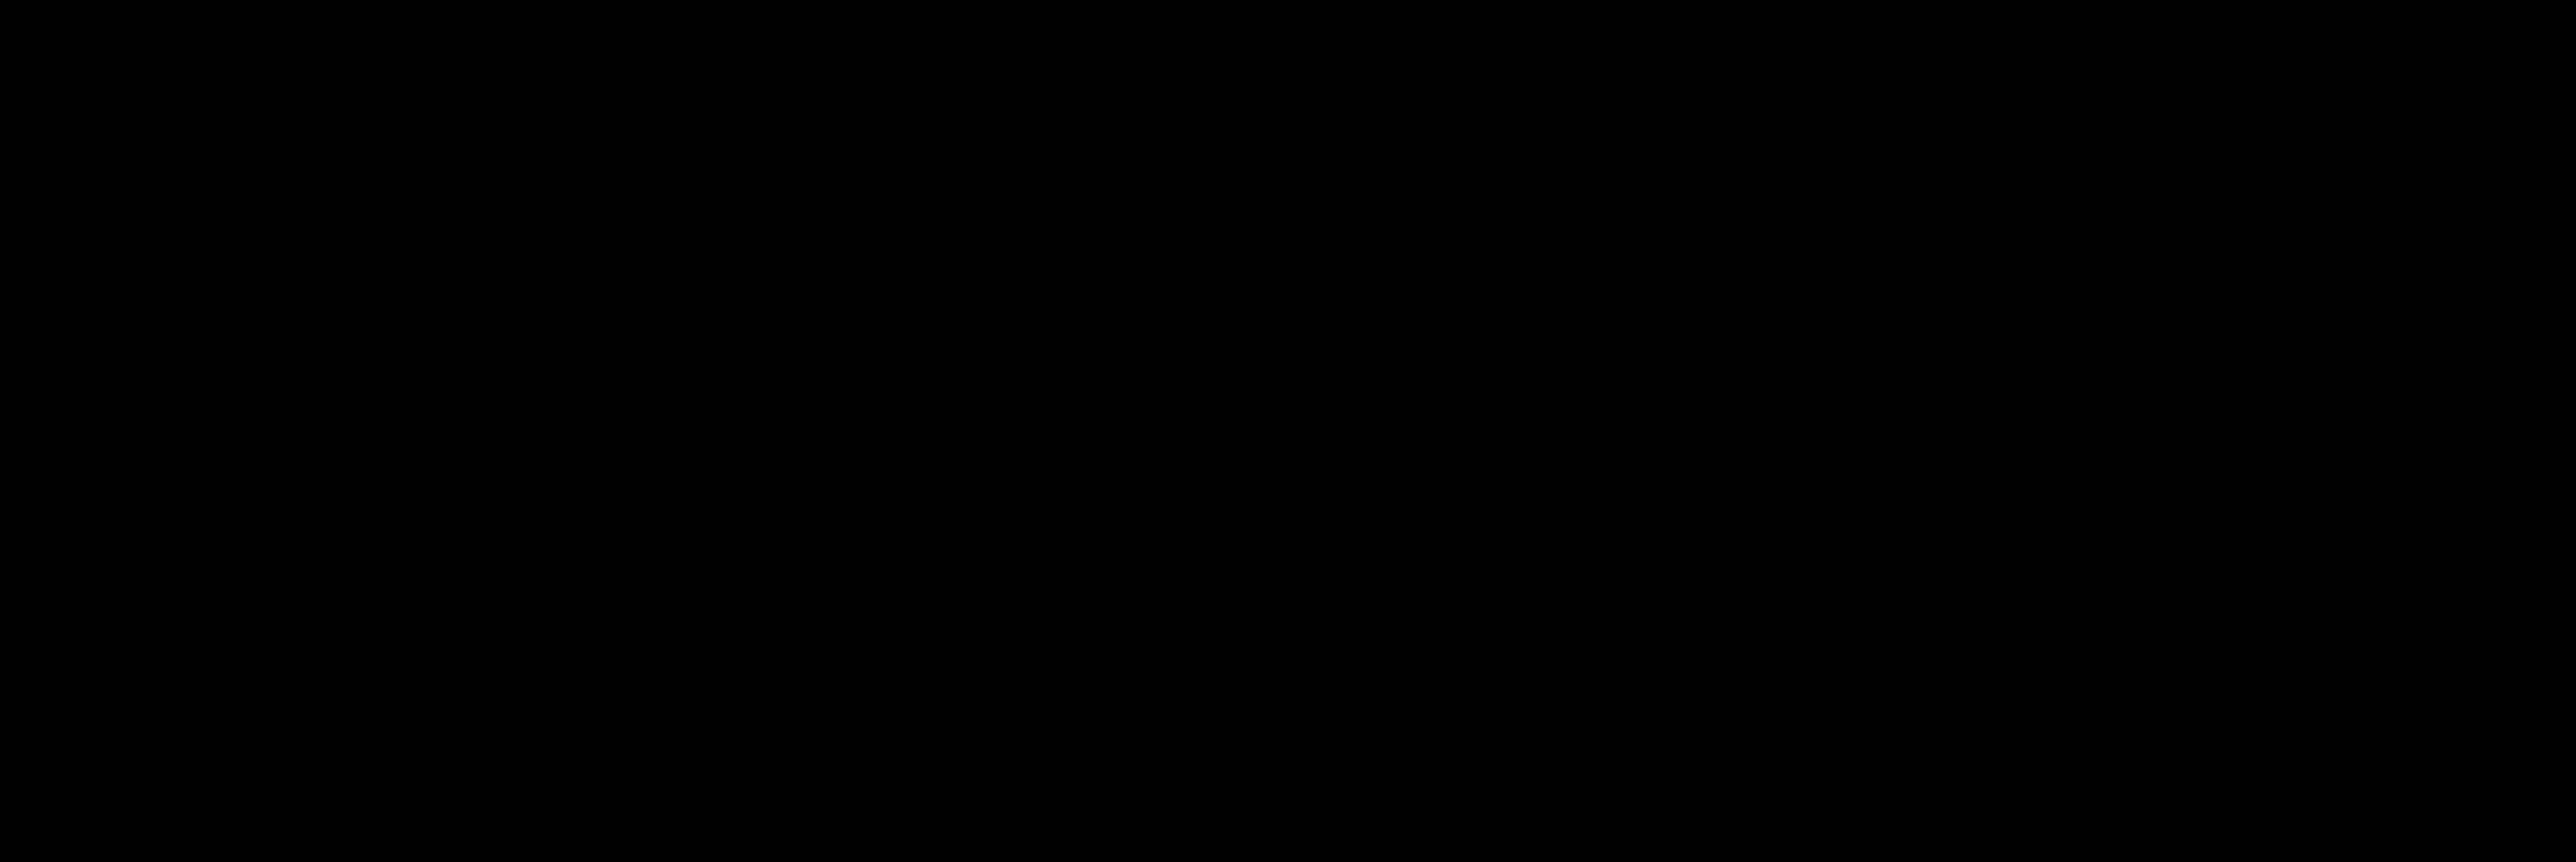 iSpring Suite tananyagszerkesztő